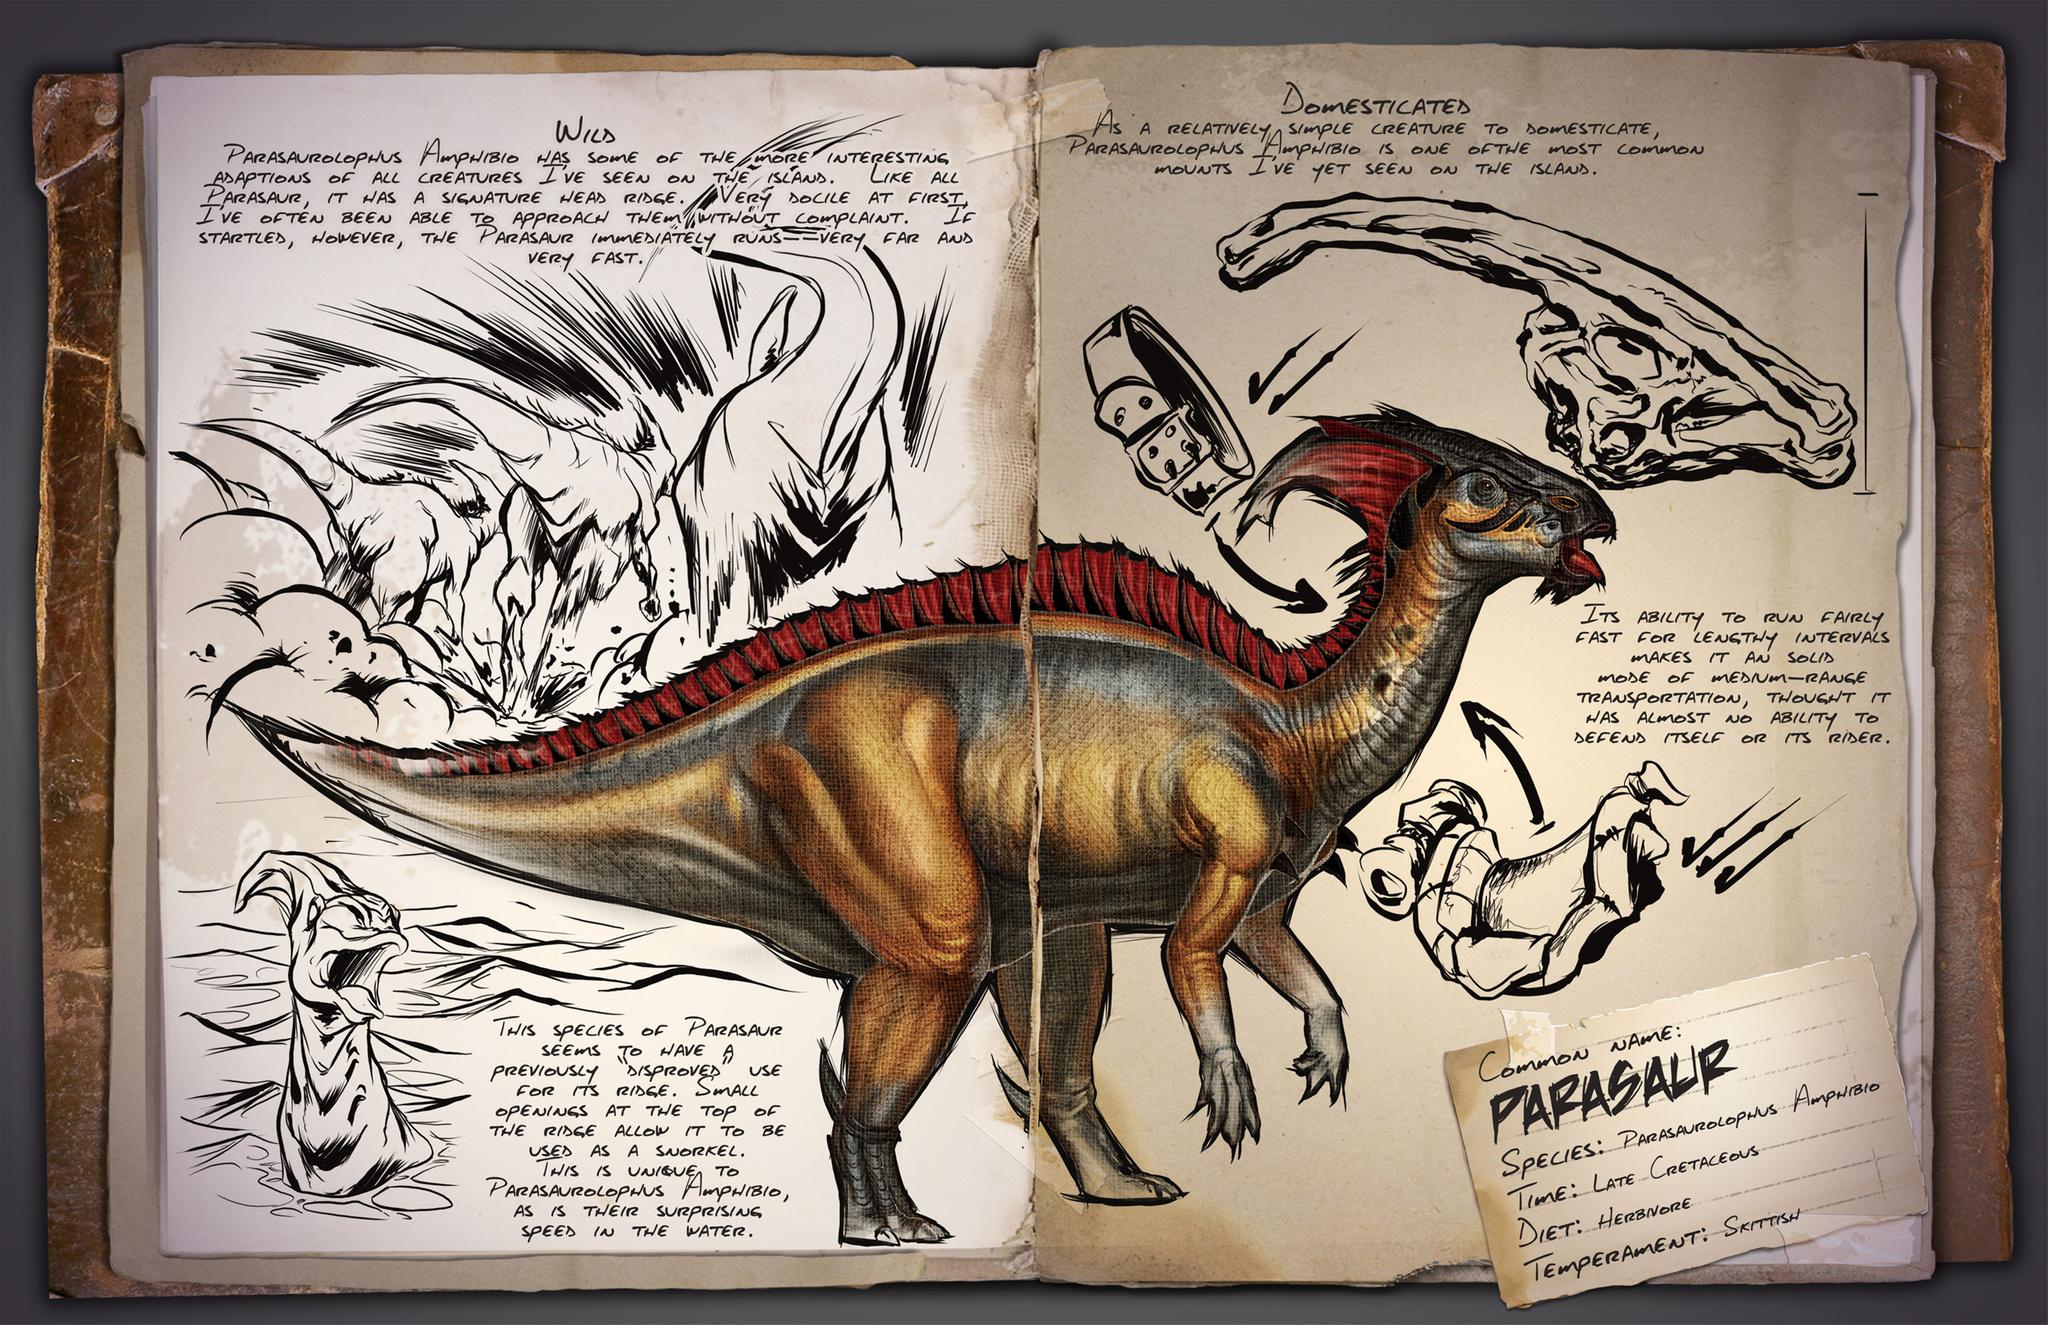 июн картинки досье динозавров из арк выглядит